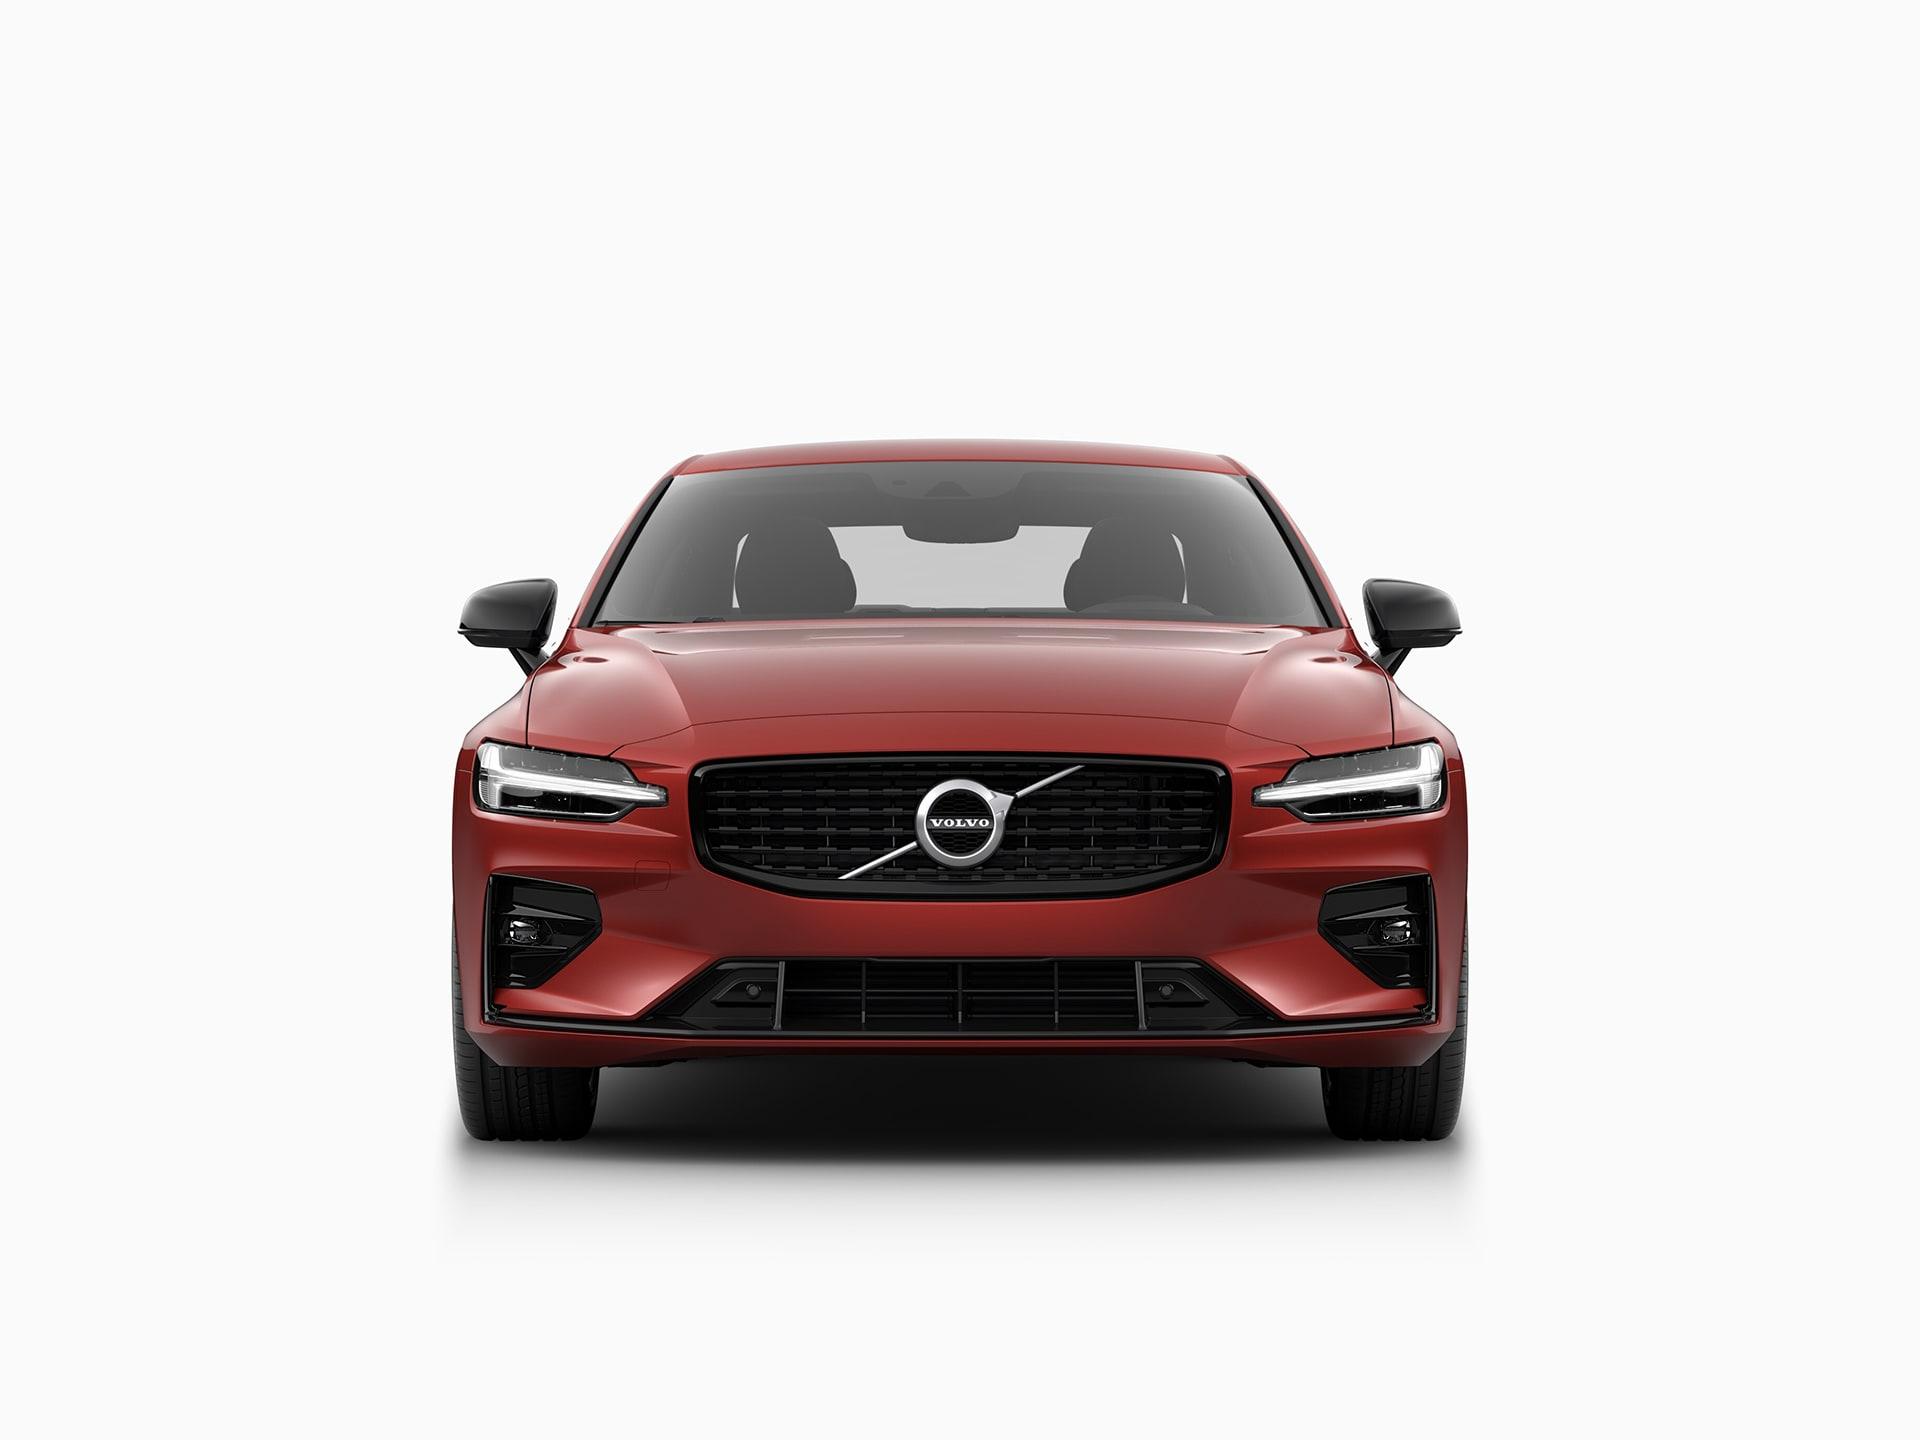 Die Frontansicht des Volvo S60.